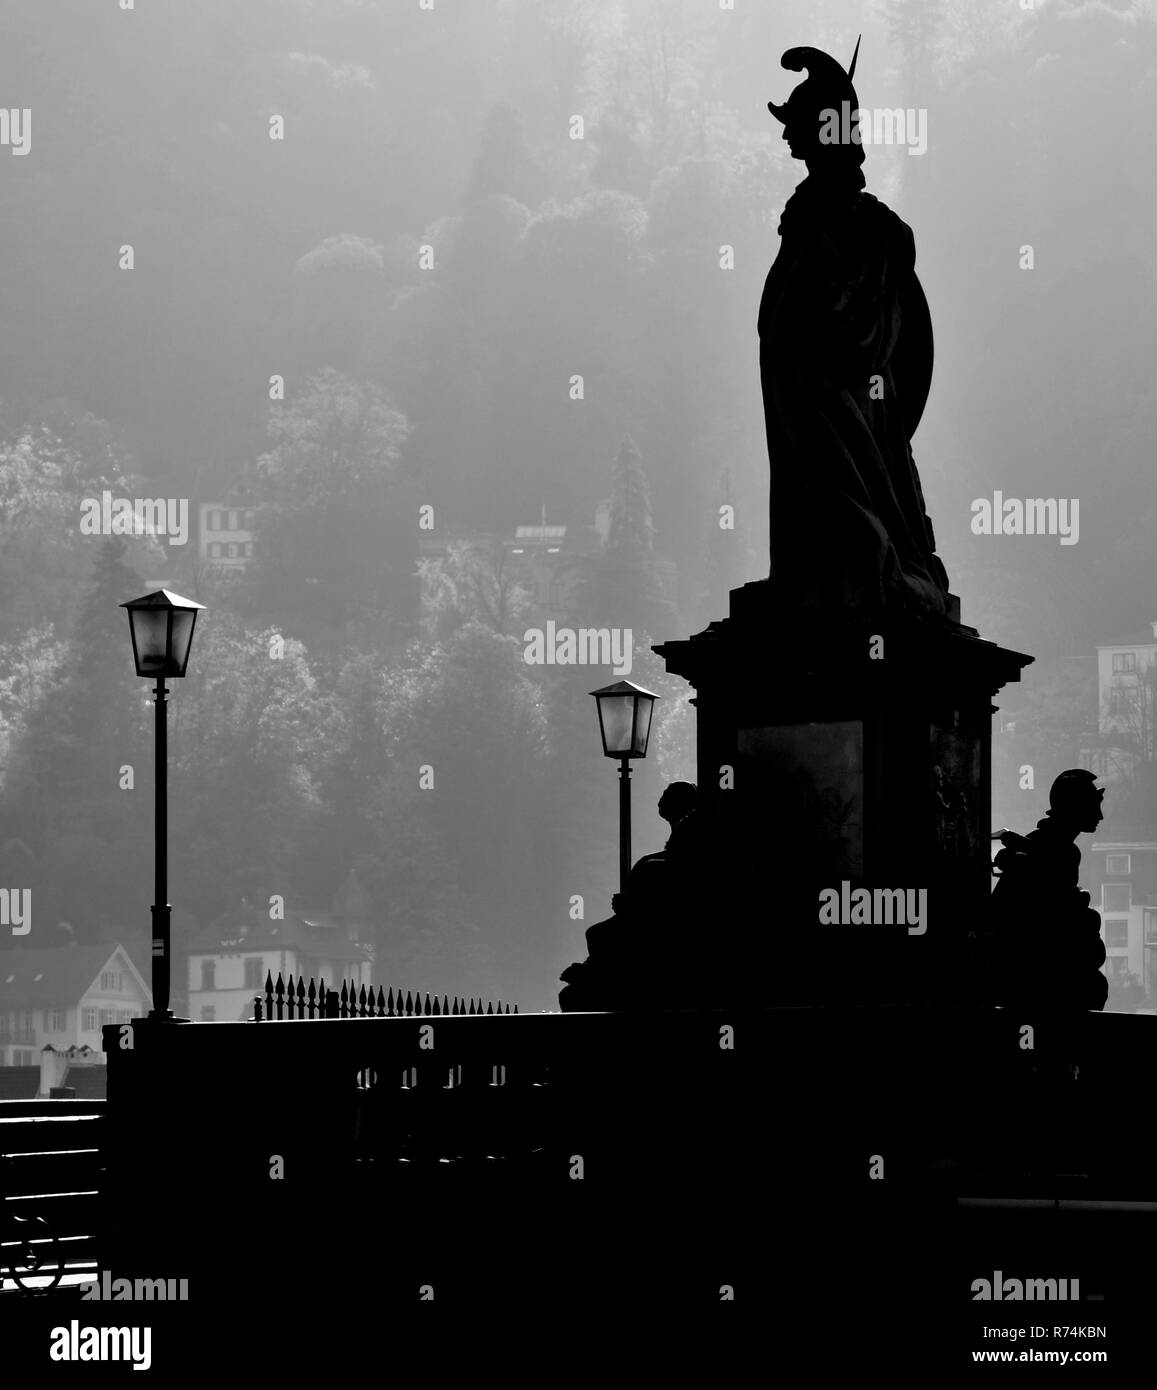 Skulptur Kontur auf der Brücke mit Lampen Stockbild